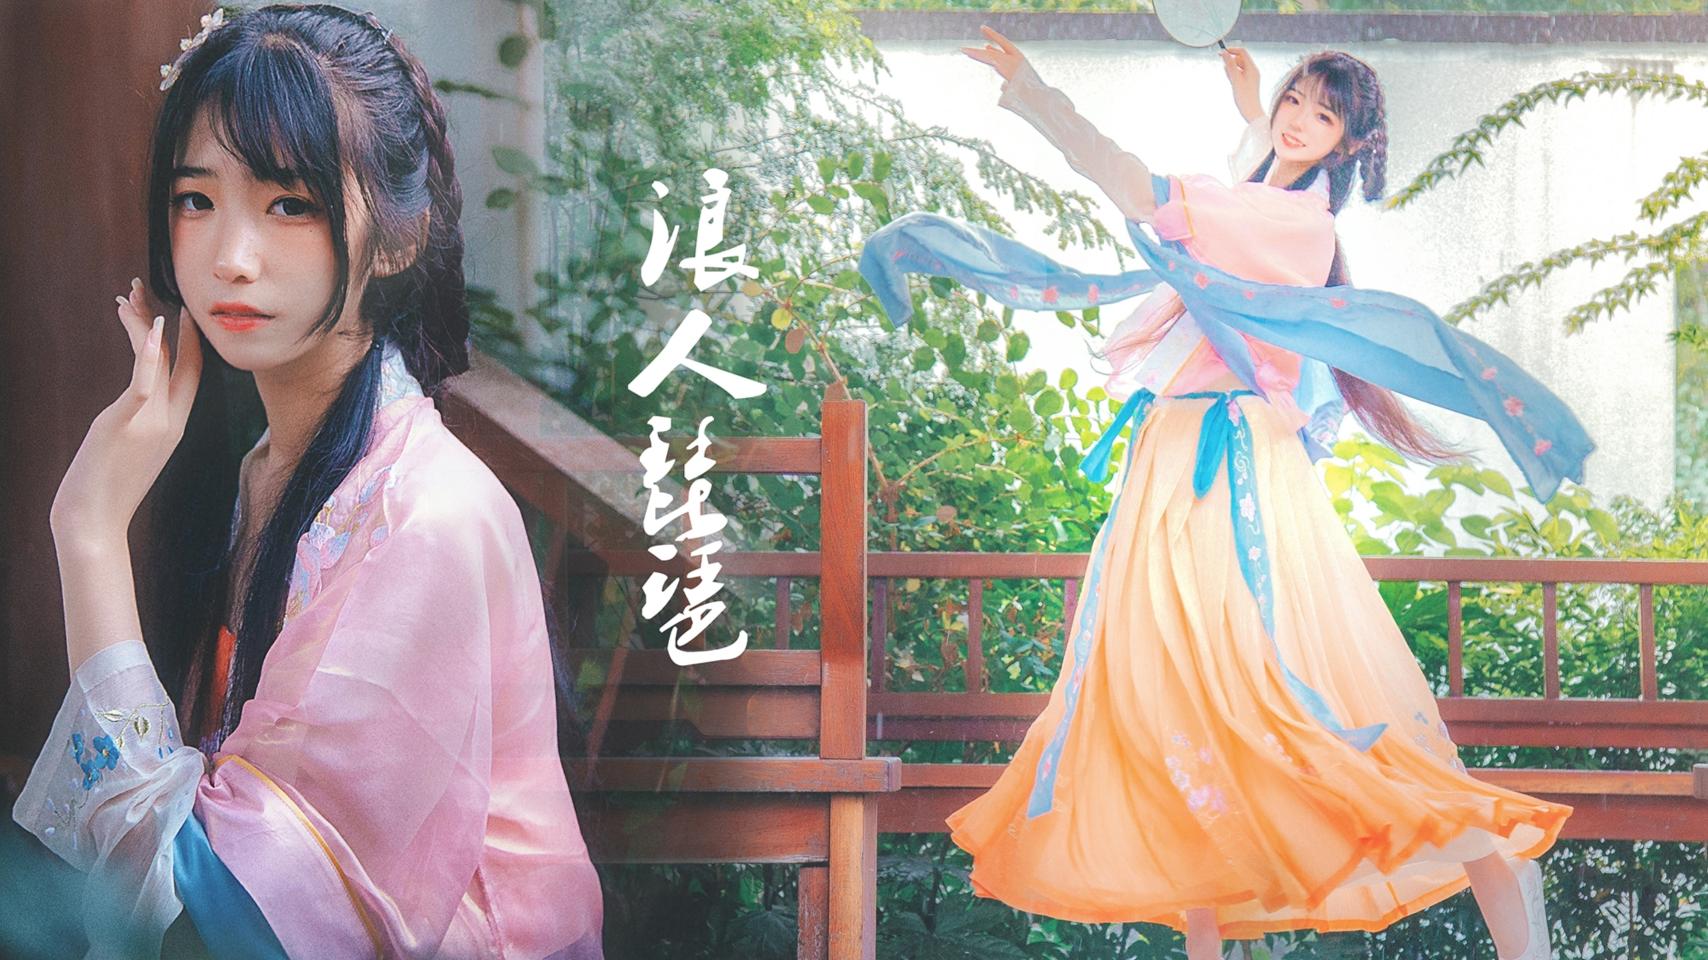 【宫本绘】浪人琵琶.七夕节快乐!对你情有独钟.